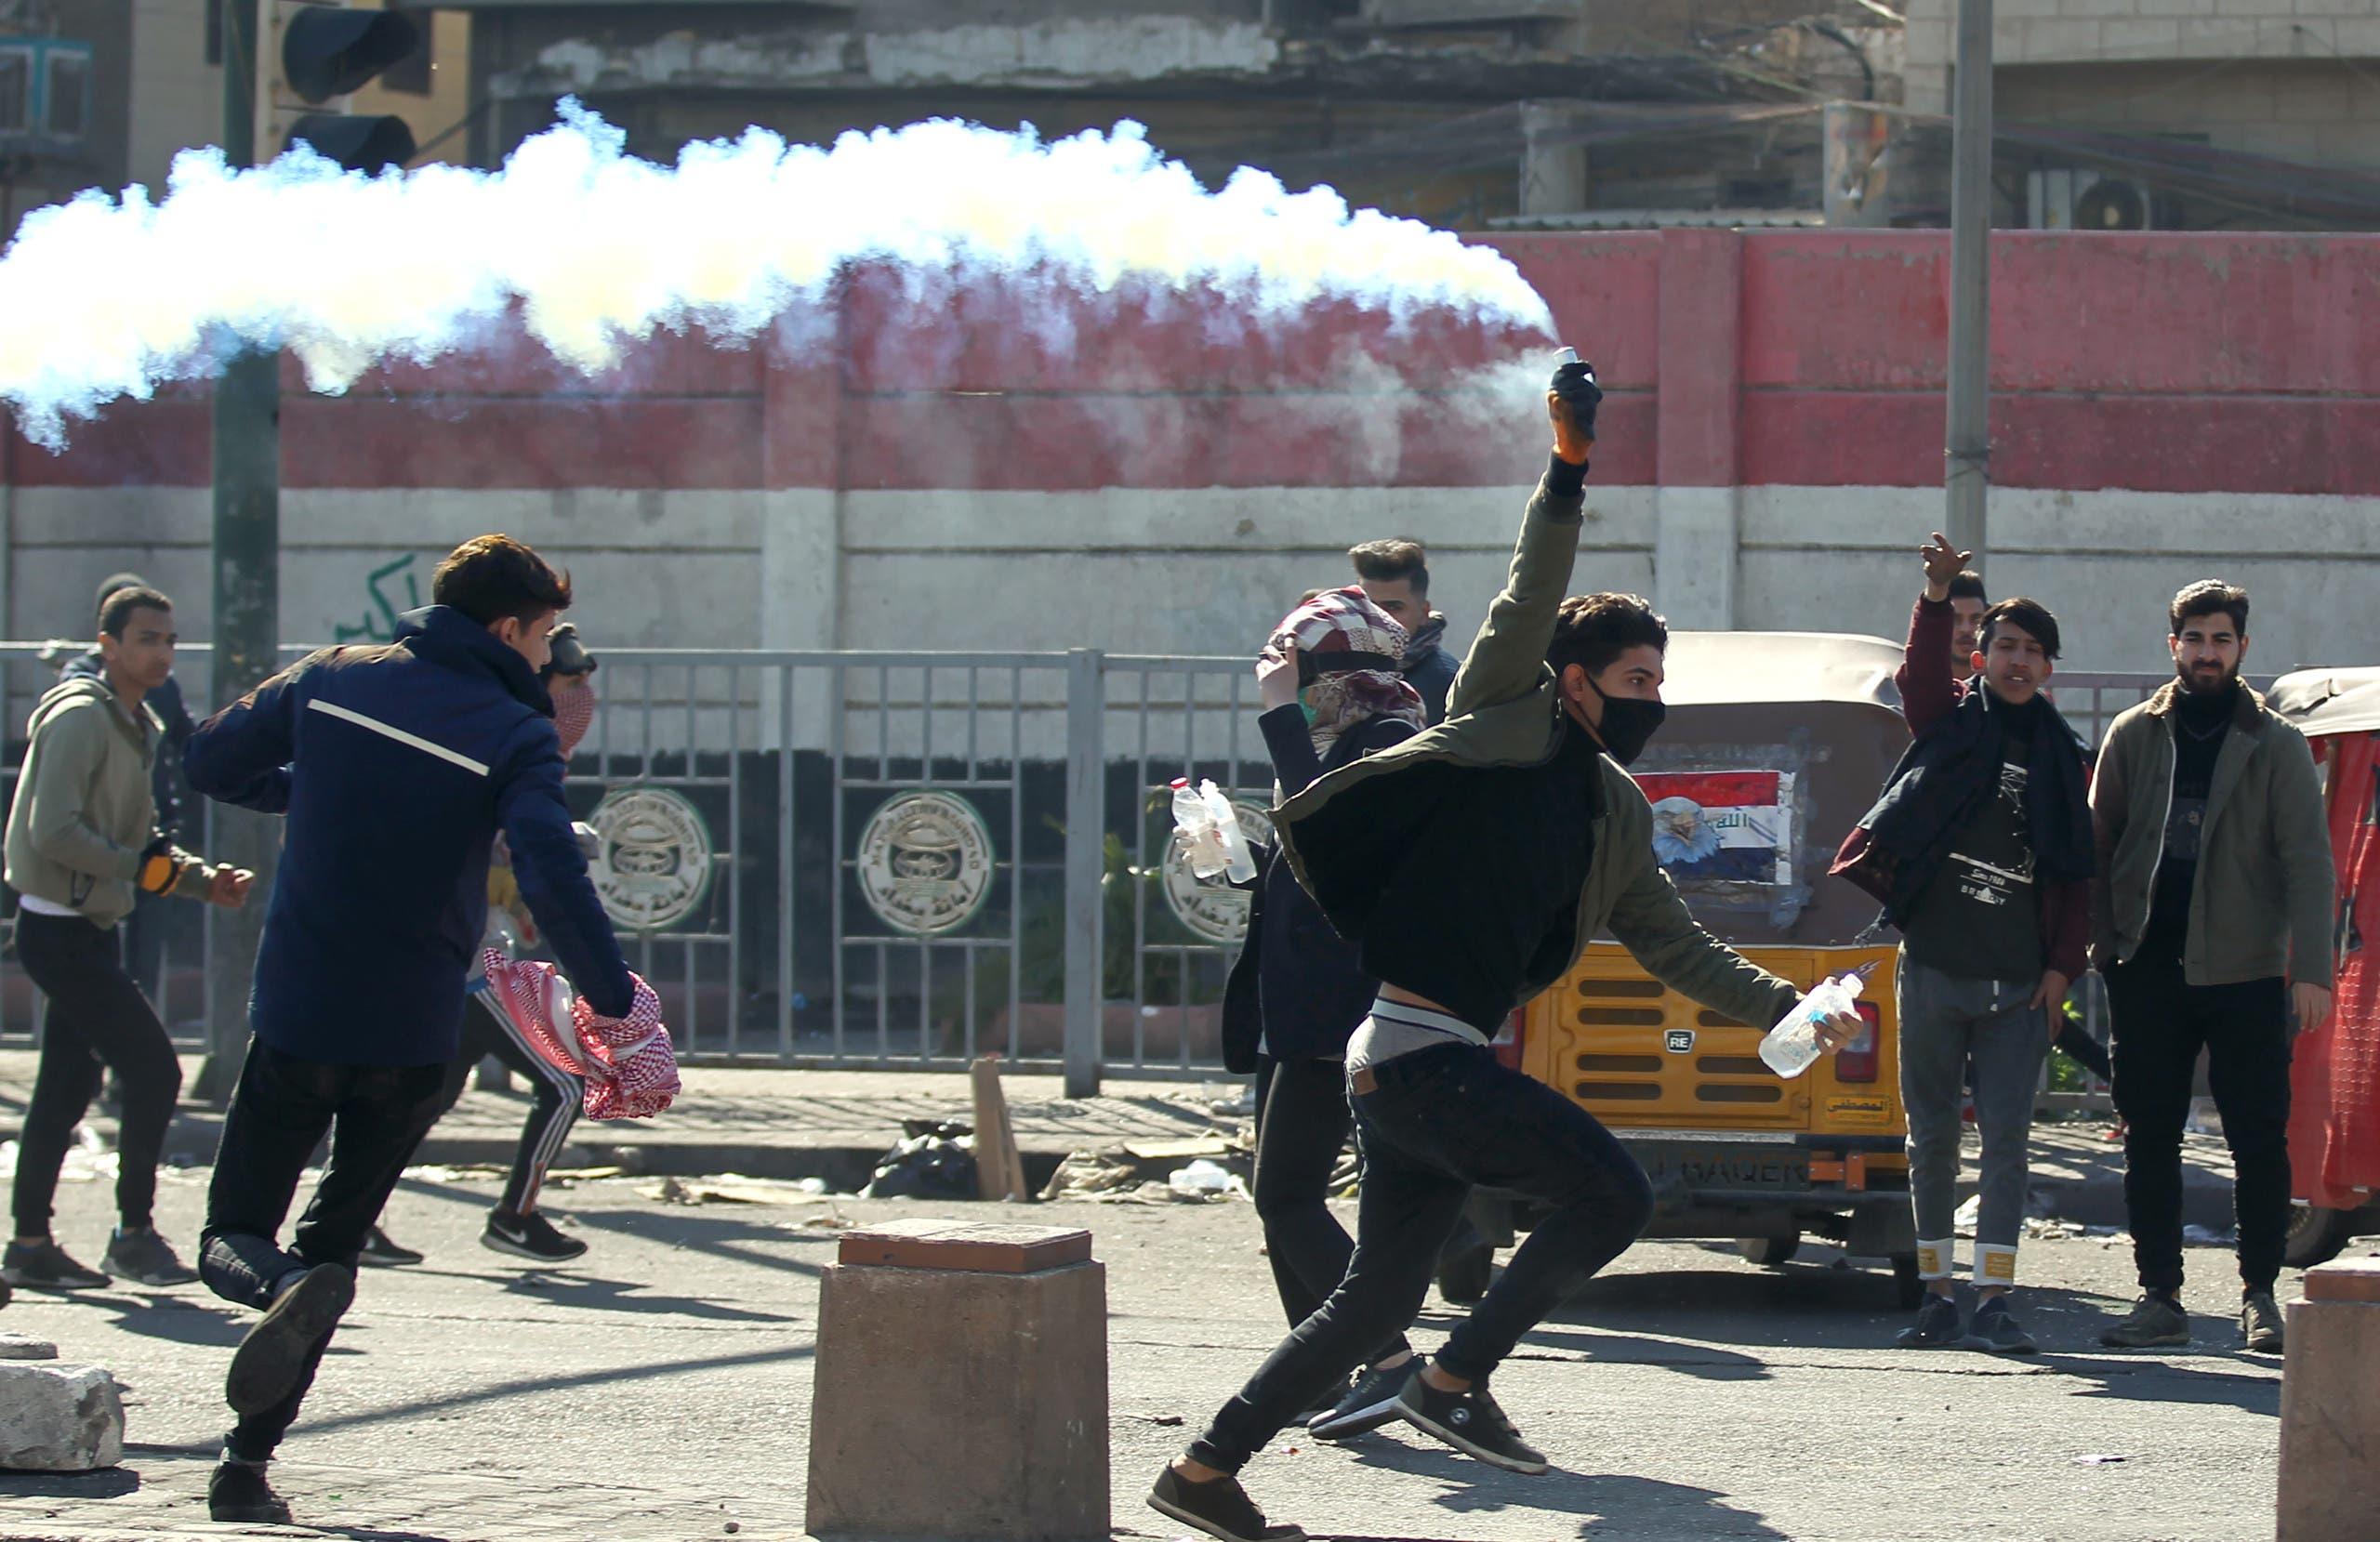 احتجاجات في بغداد في يناير الماضي